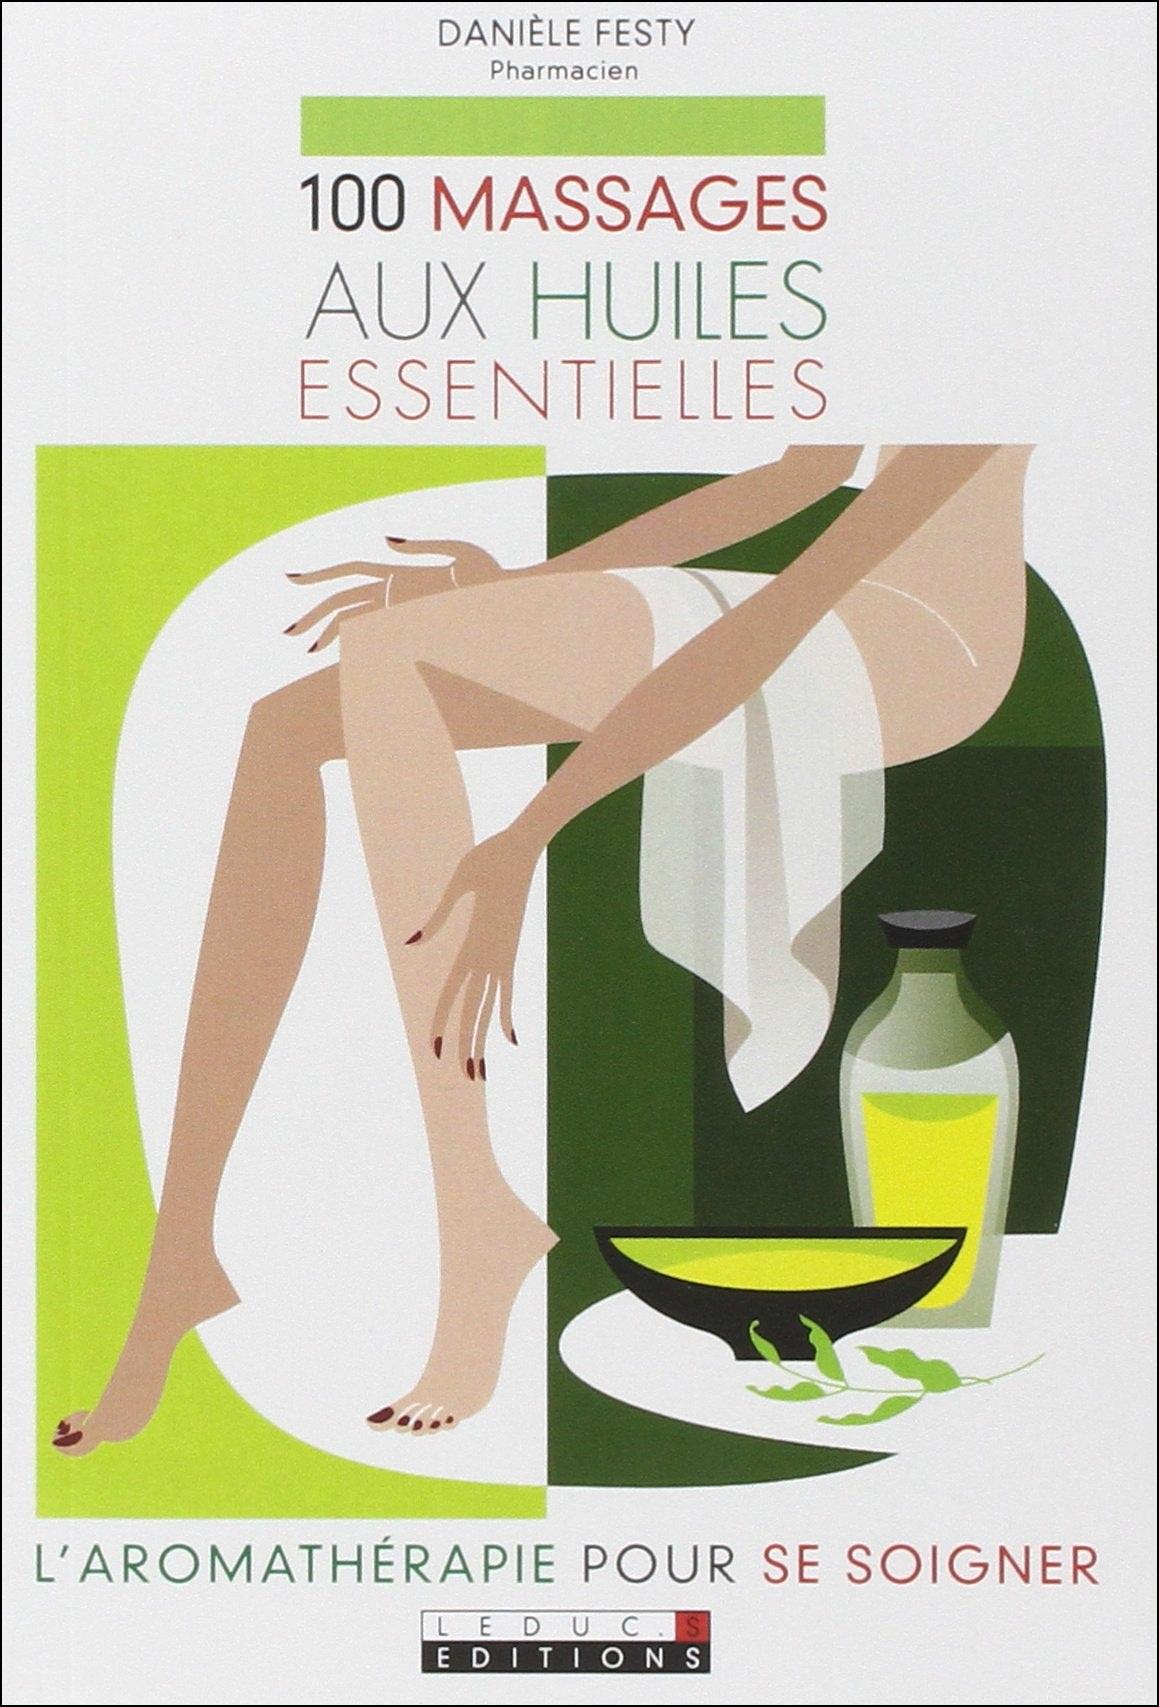 télécharger 100 massages aux huiles essentielles